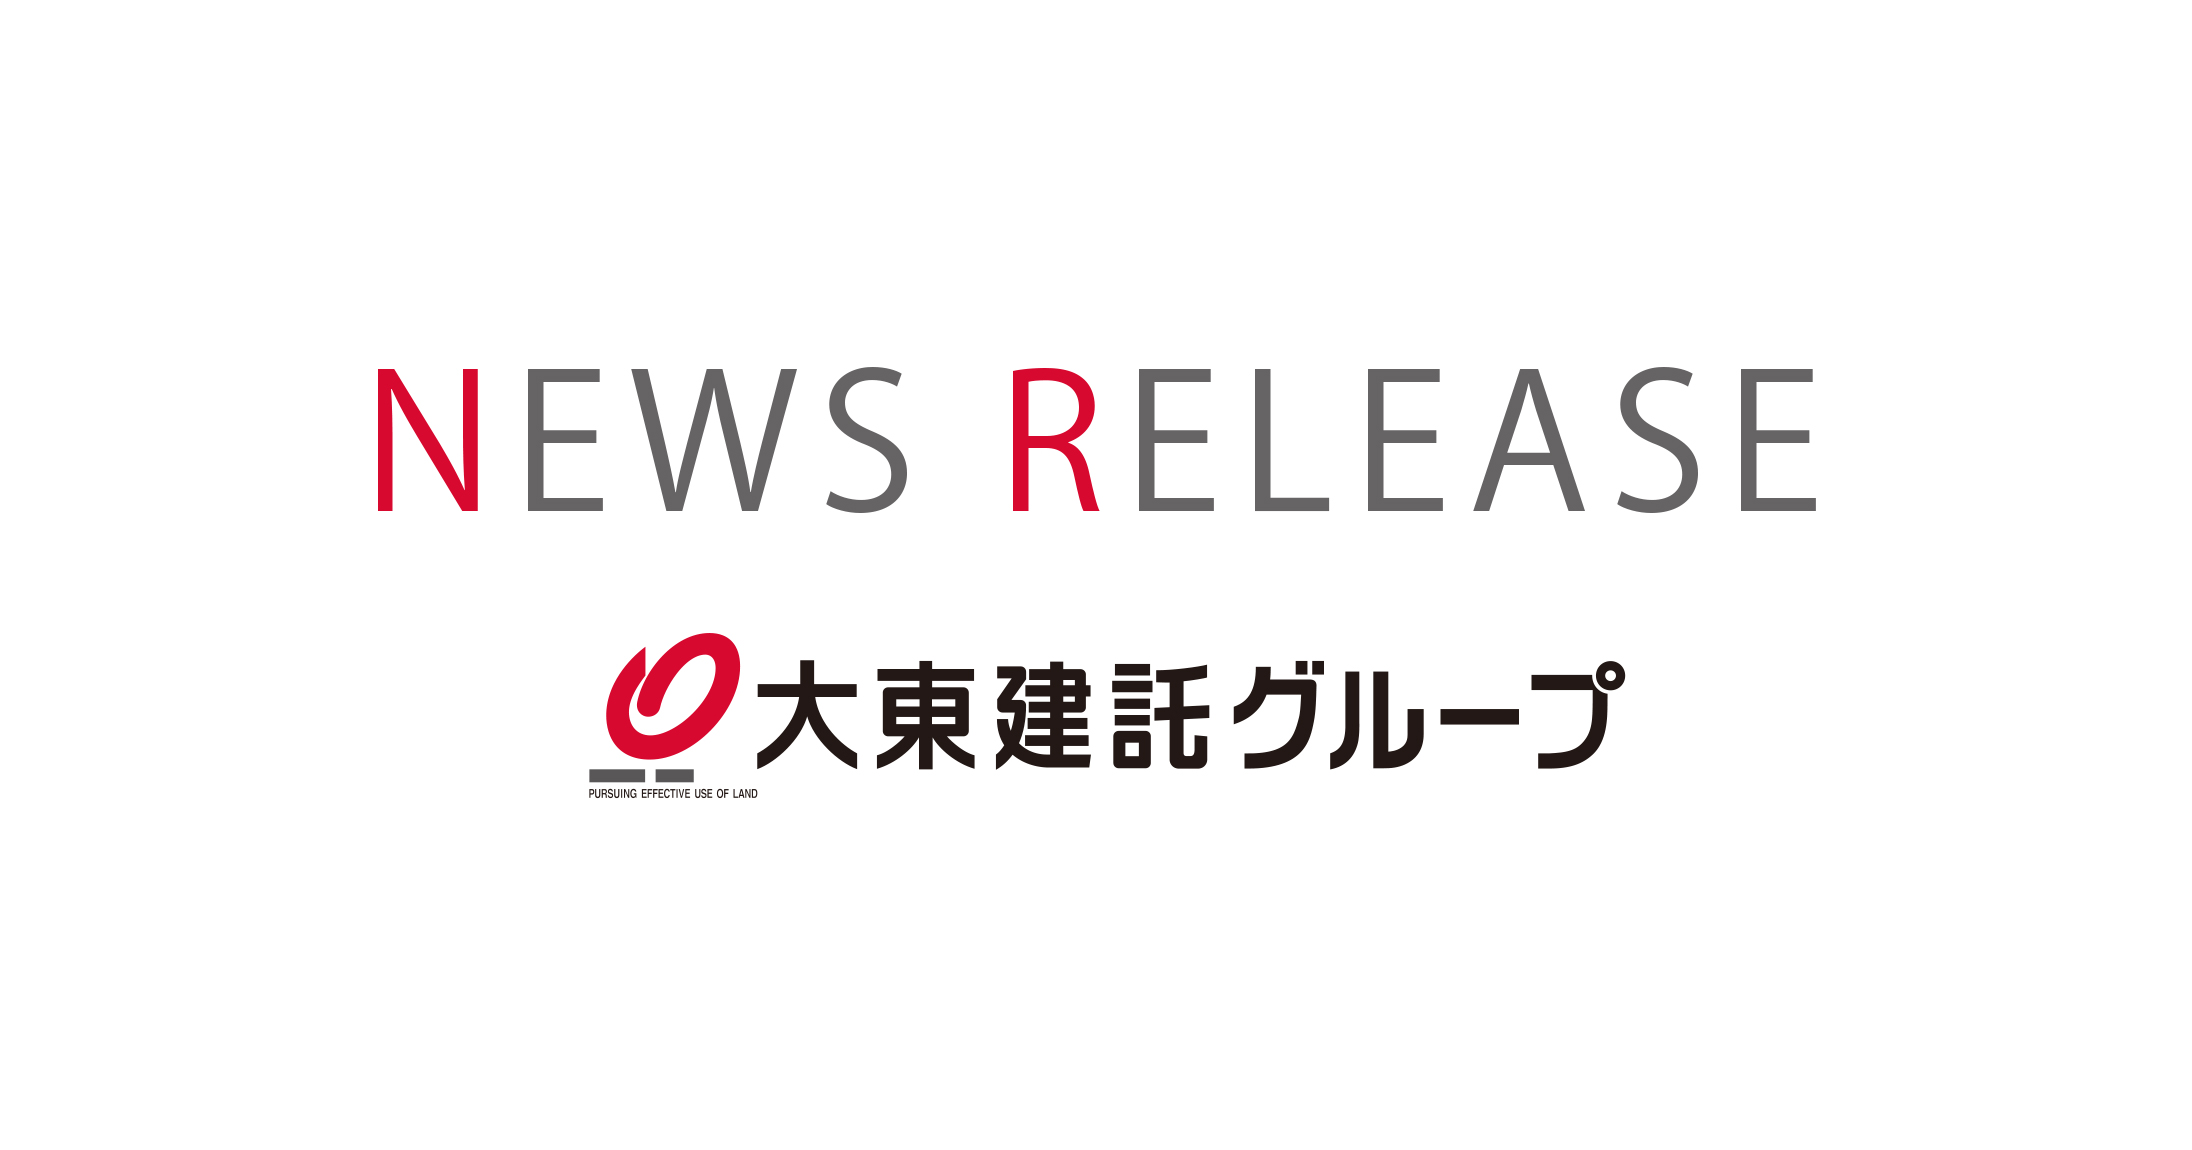 熊本県を中心とする豪雨災害への支援について